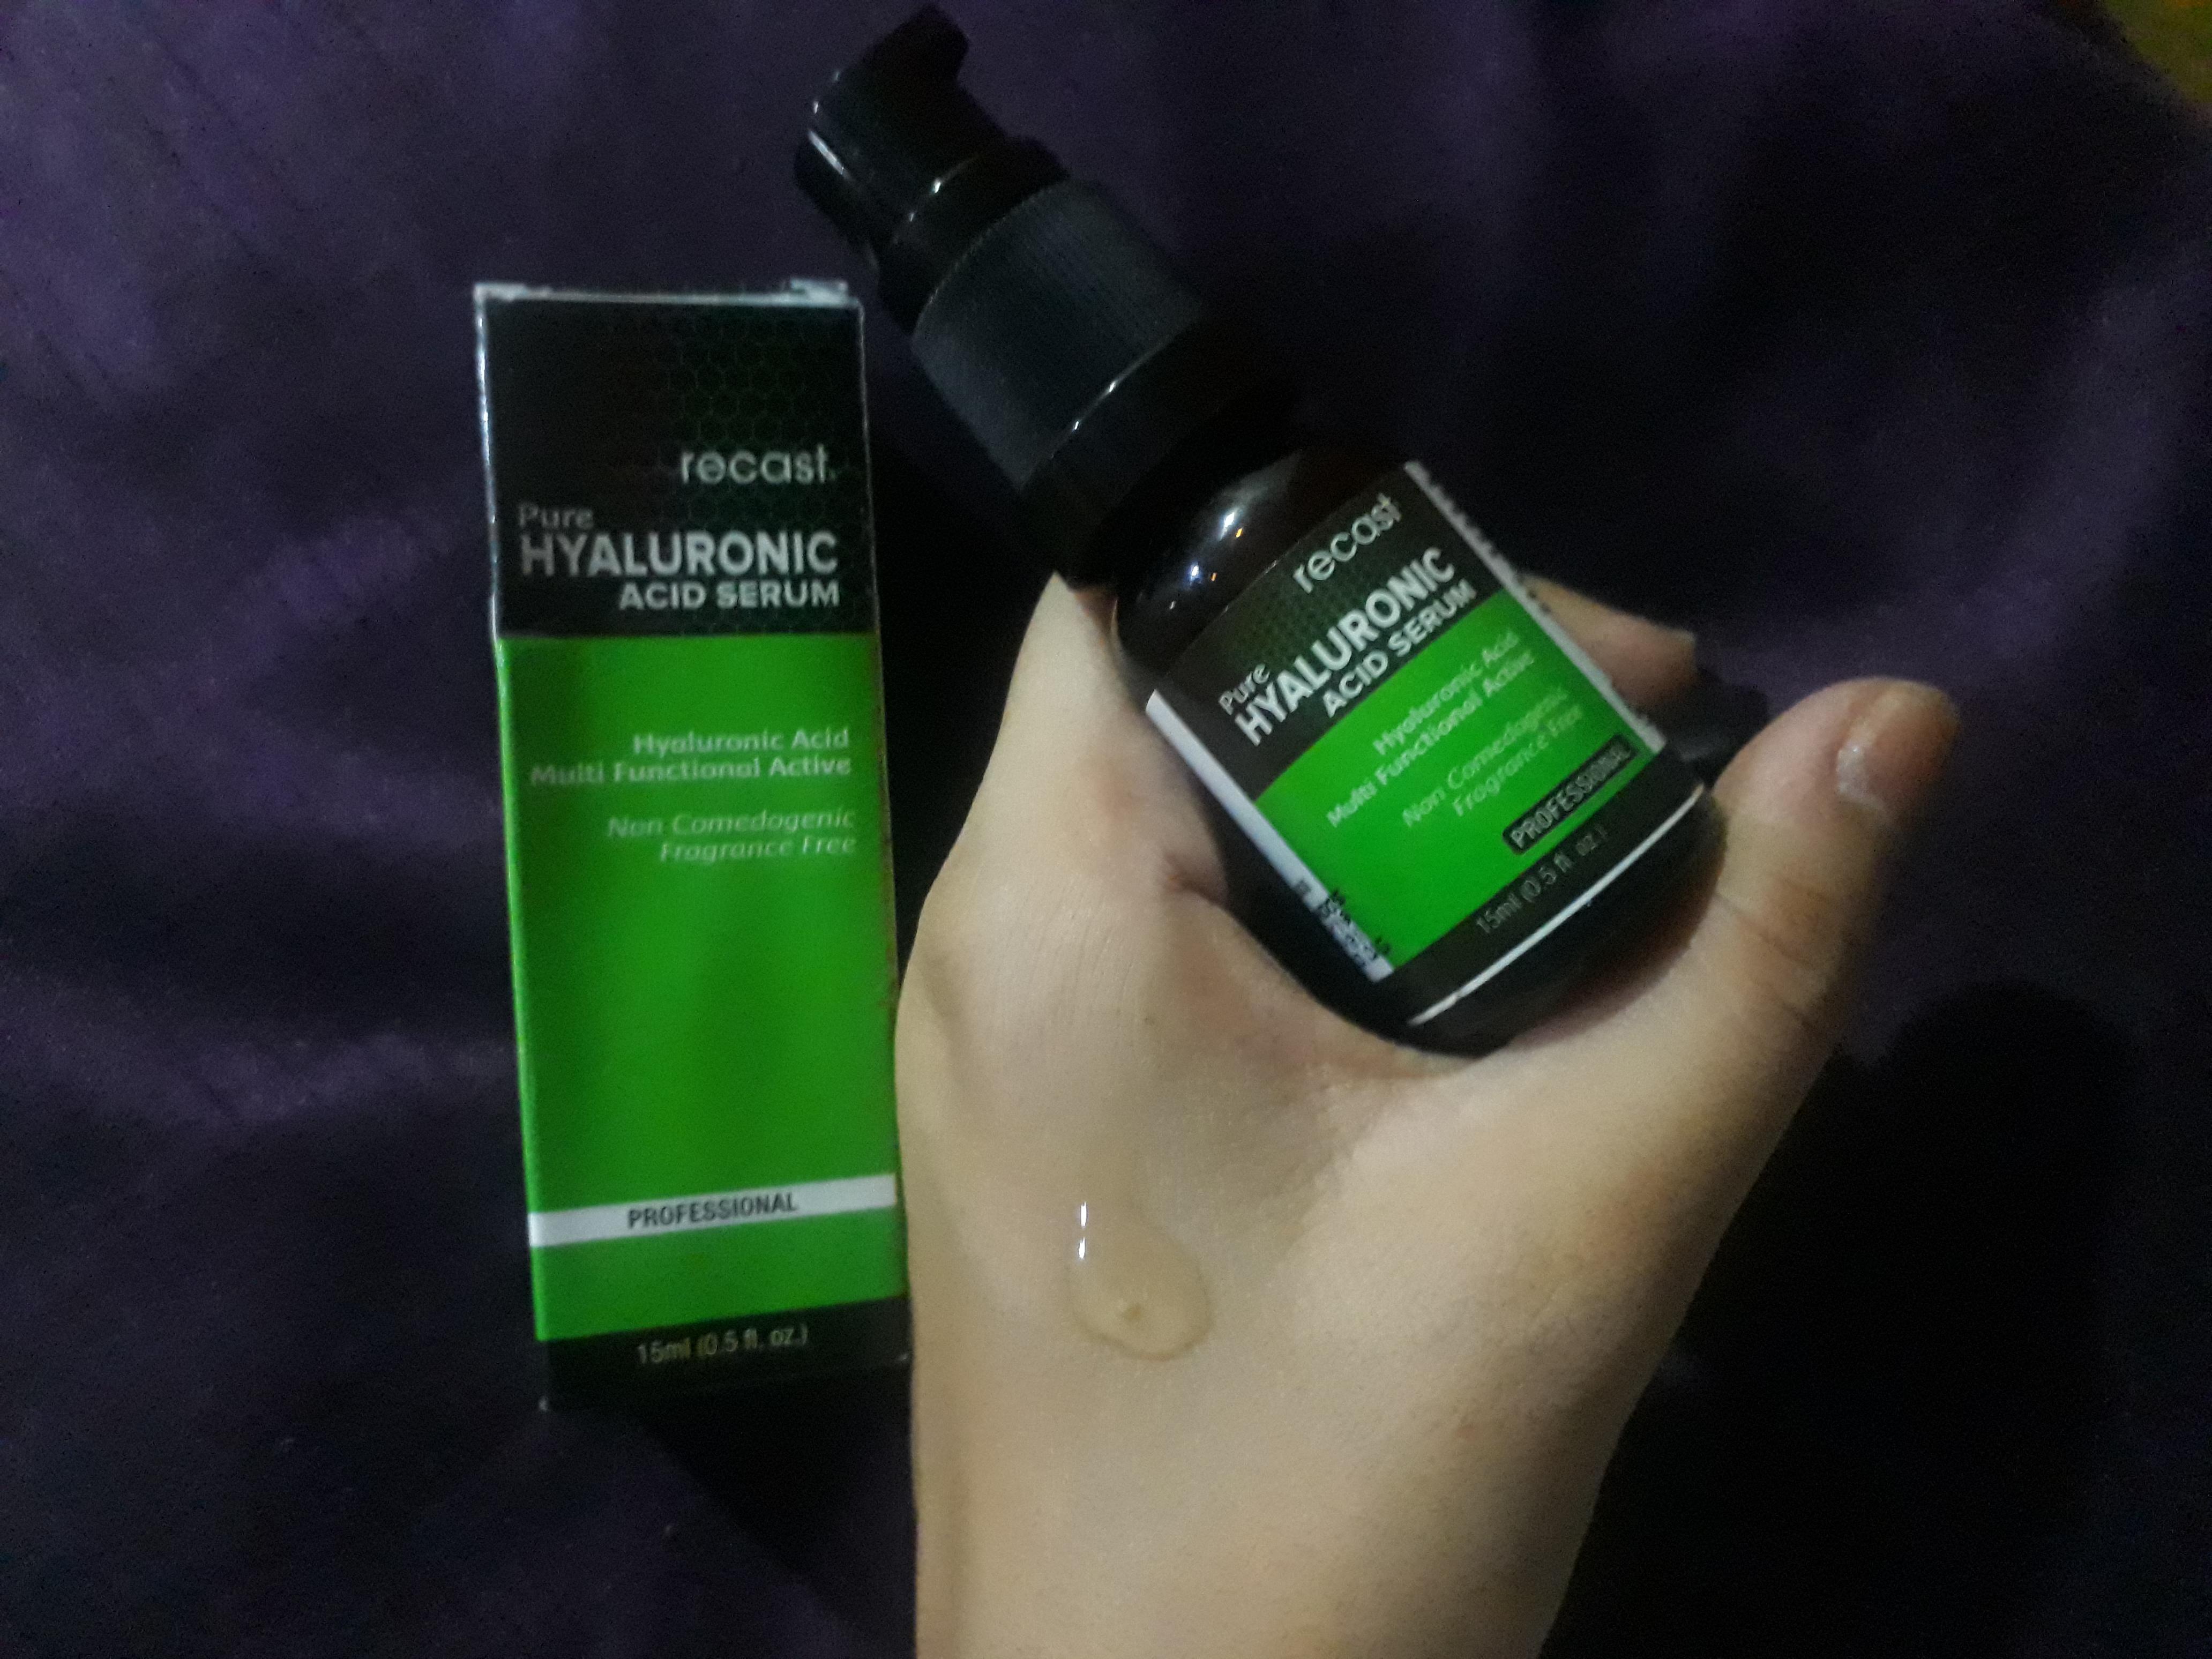 Recast Pure Hyaluronic Acid Serum pic 1-Works as a primer!!!-By akshaya_chavan